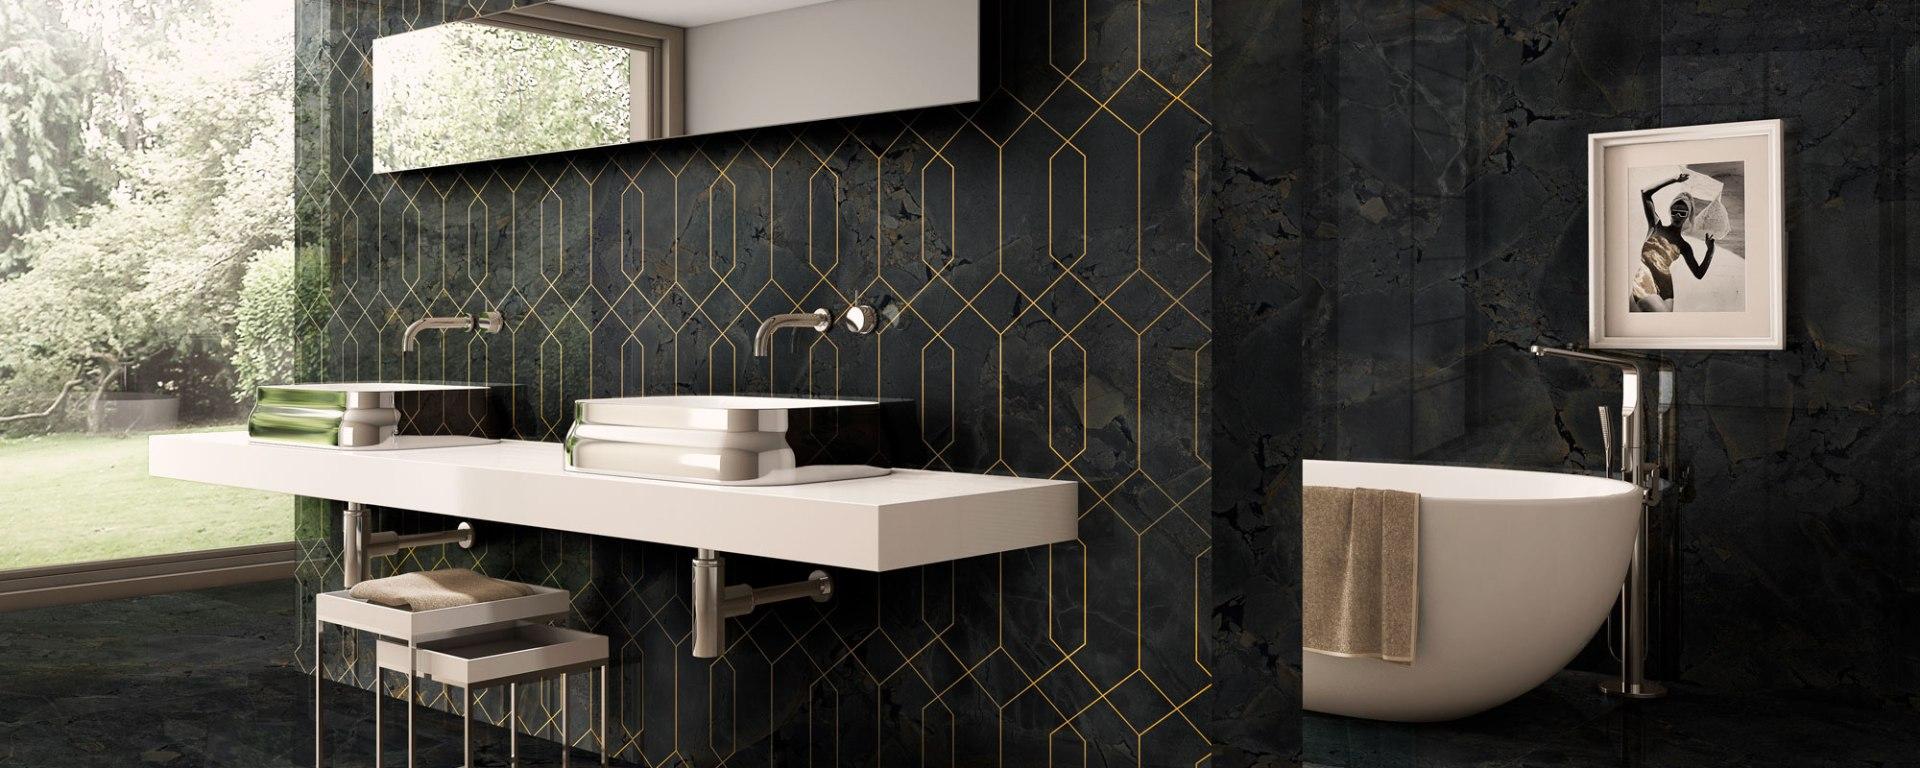 Arklam's Jurassic Gold art deco tile 2020